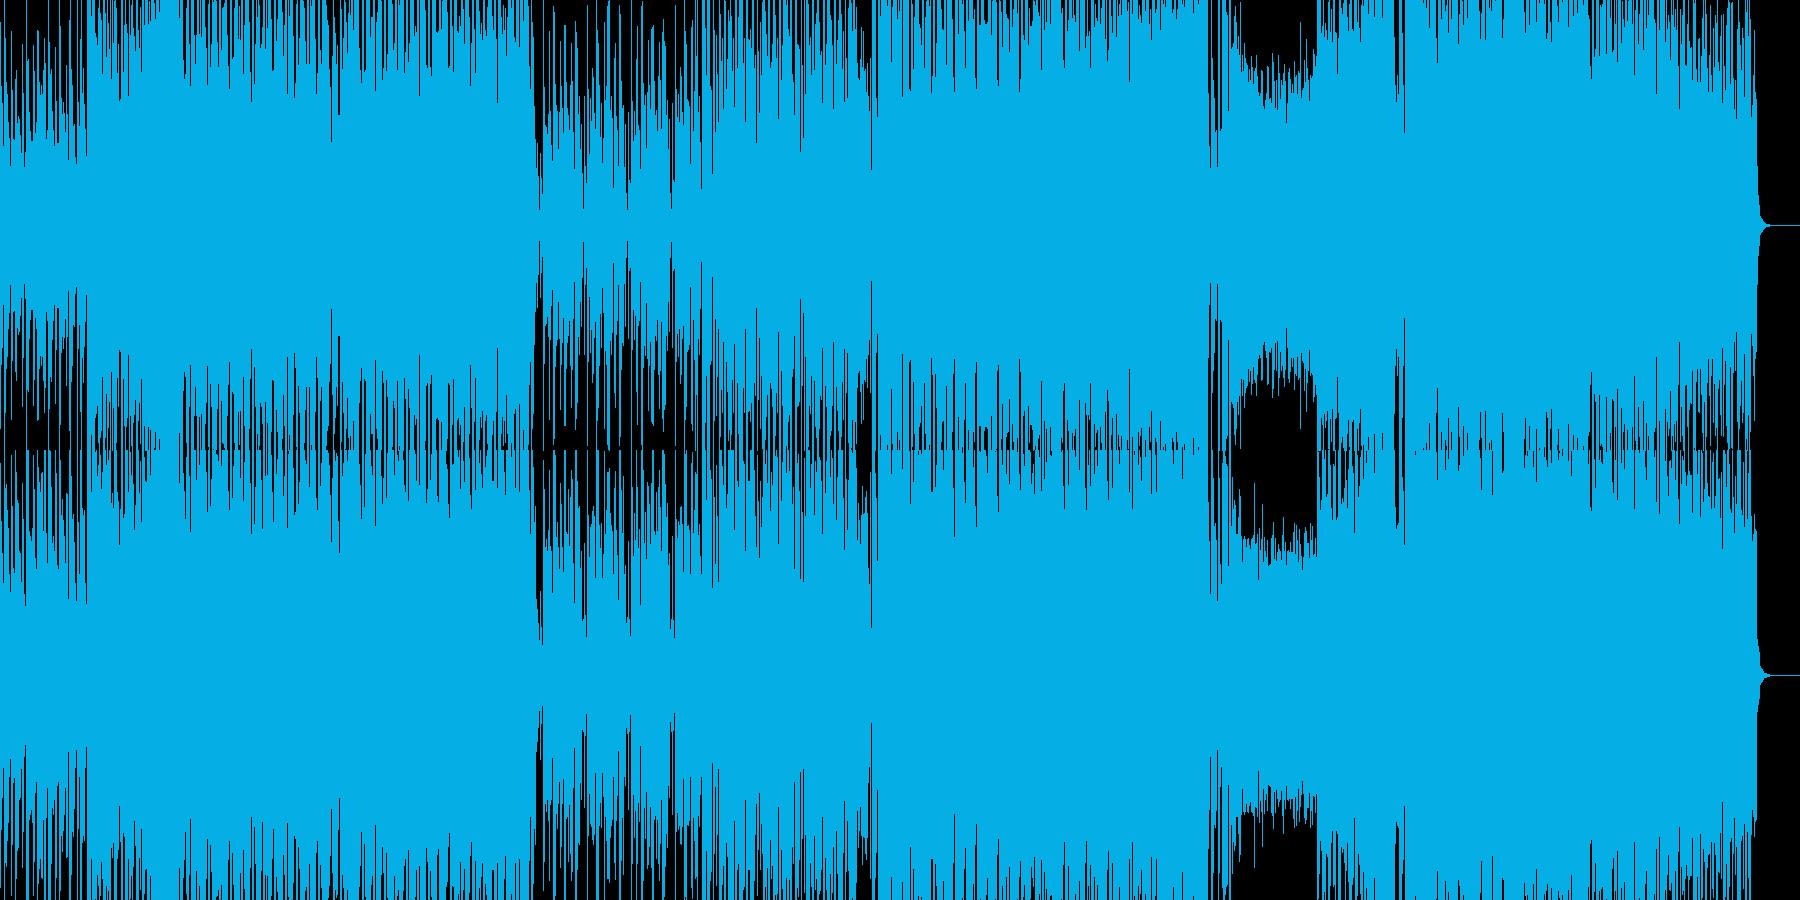 おしゃれなピアノのダンスミュージックの再生済みの波形